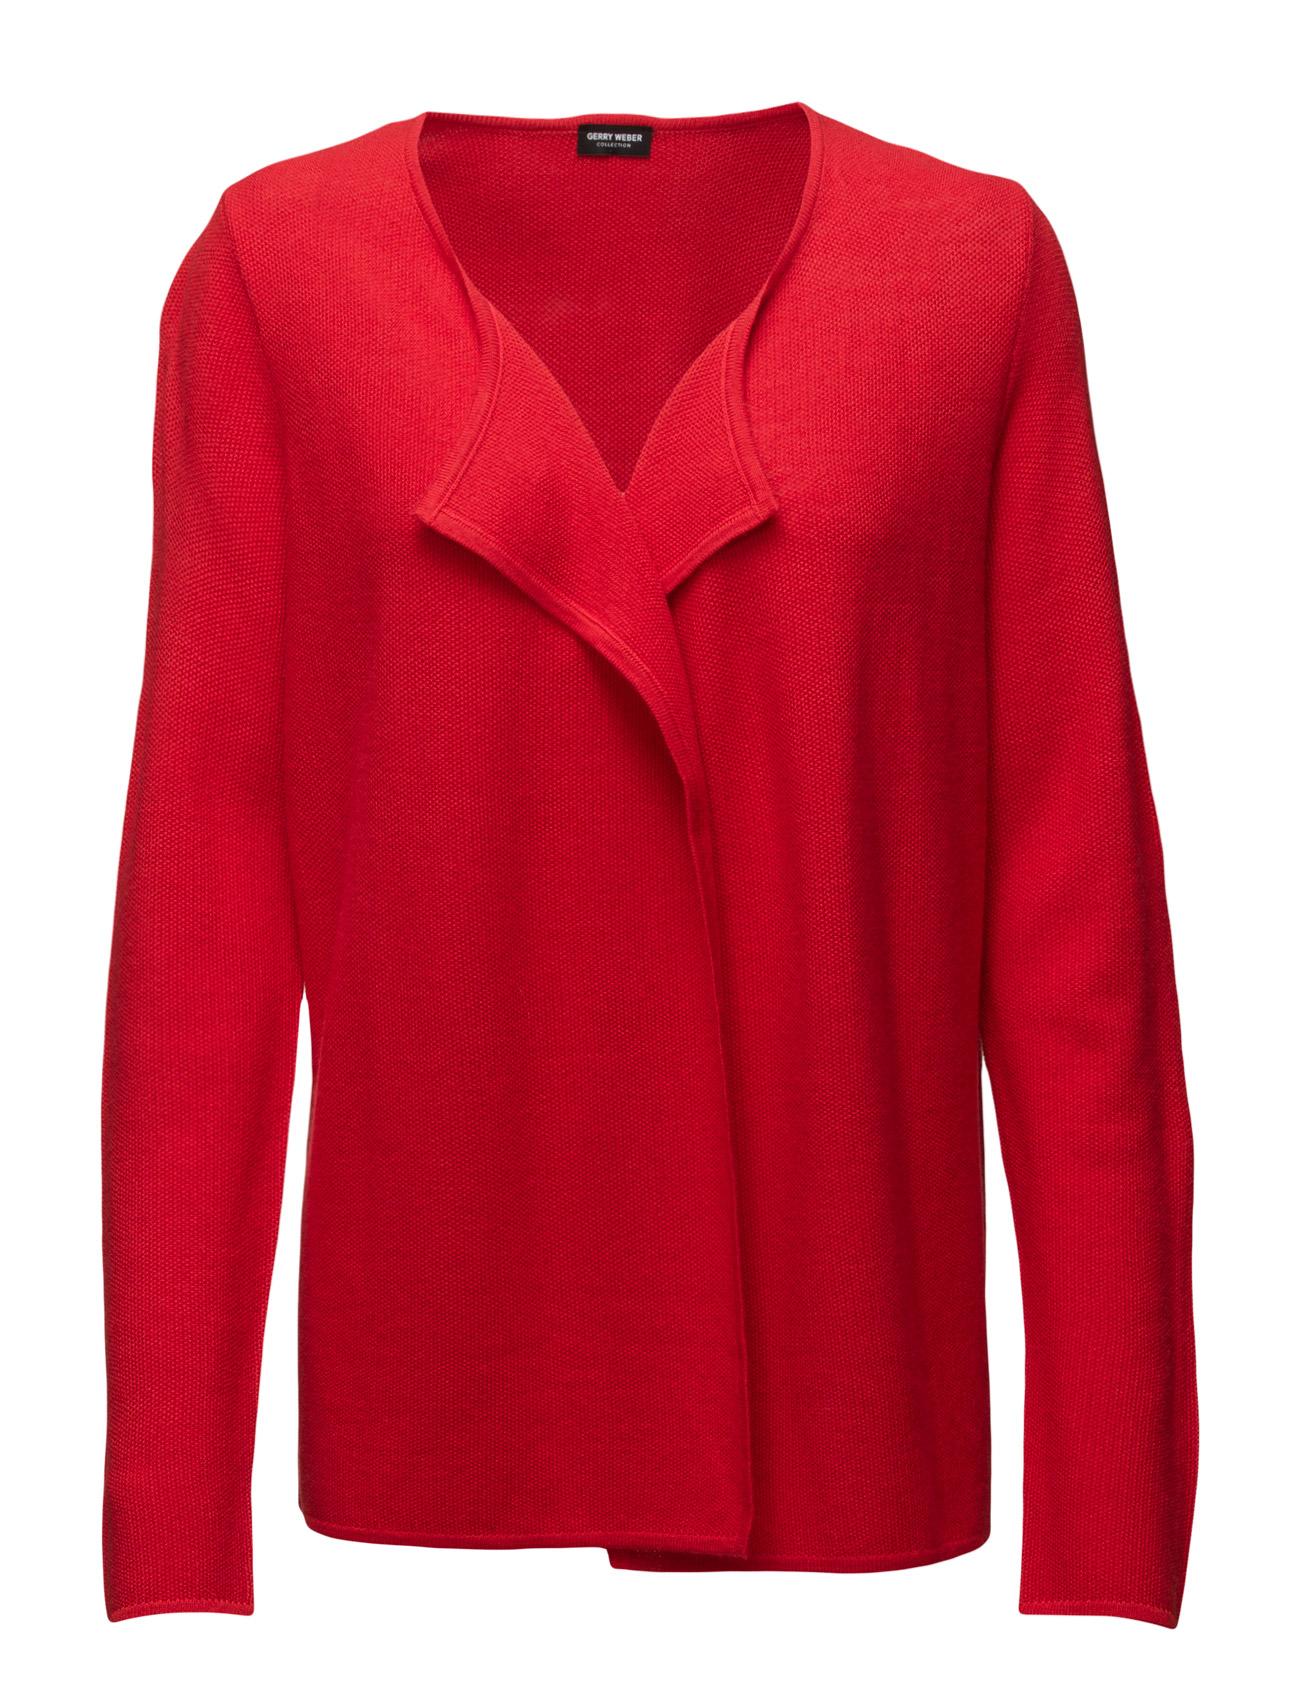 Jacket Knitwear Gerry Weber Striktøj til Kvinder i Læbestift